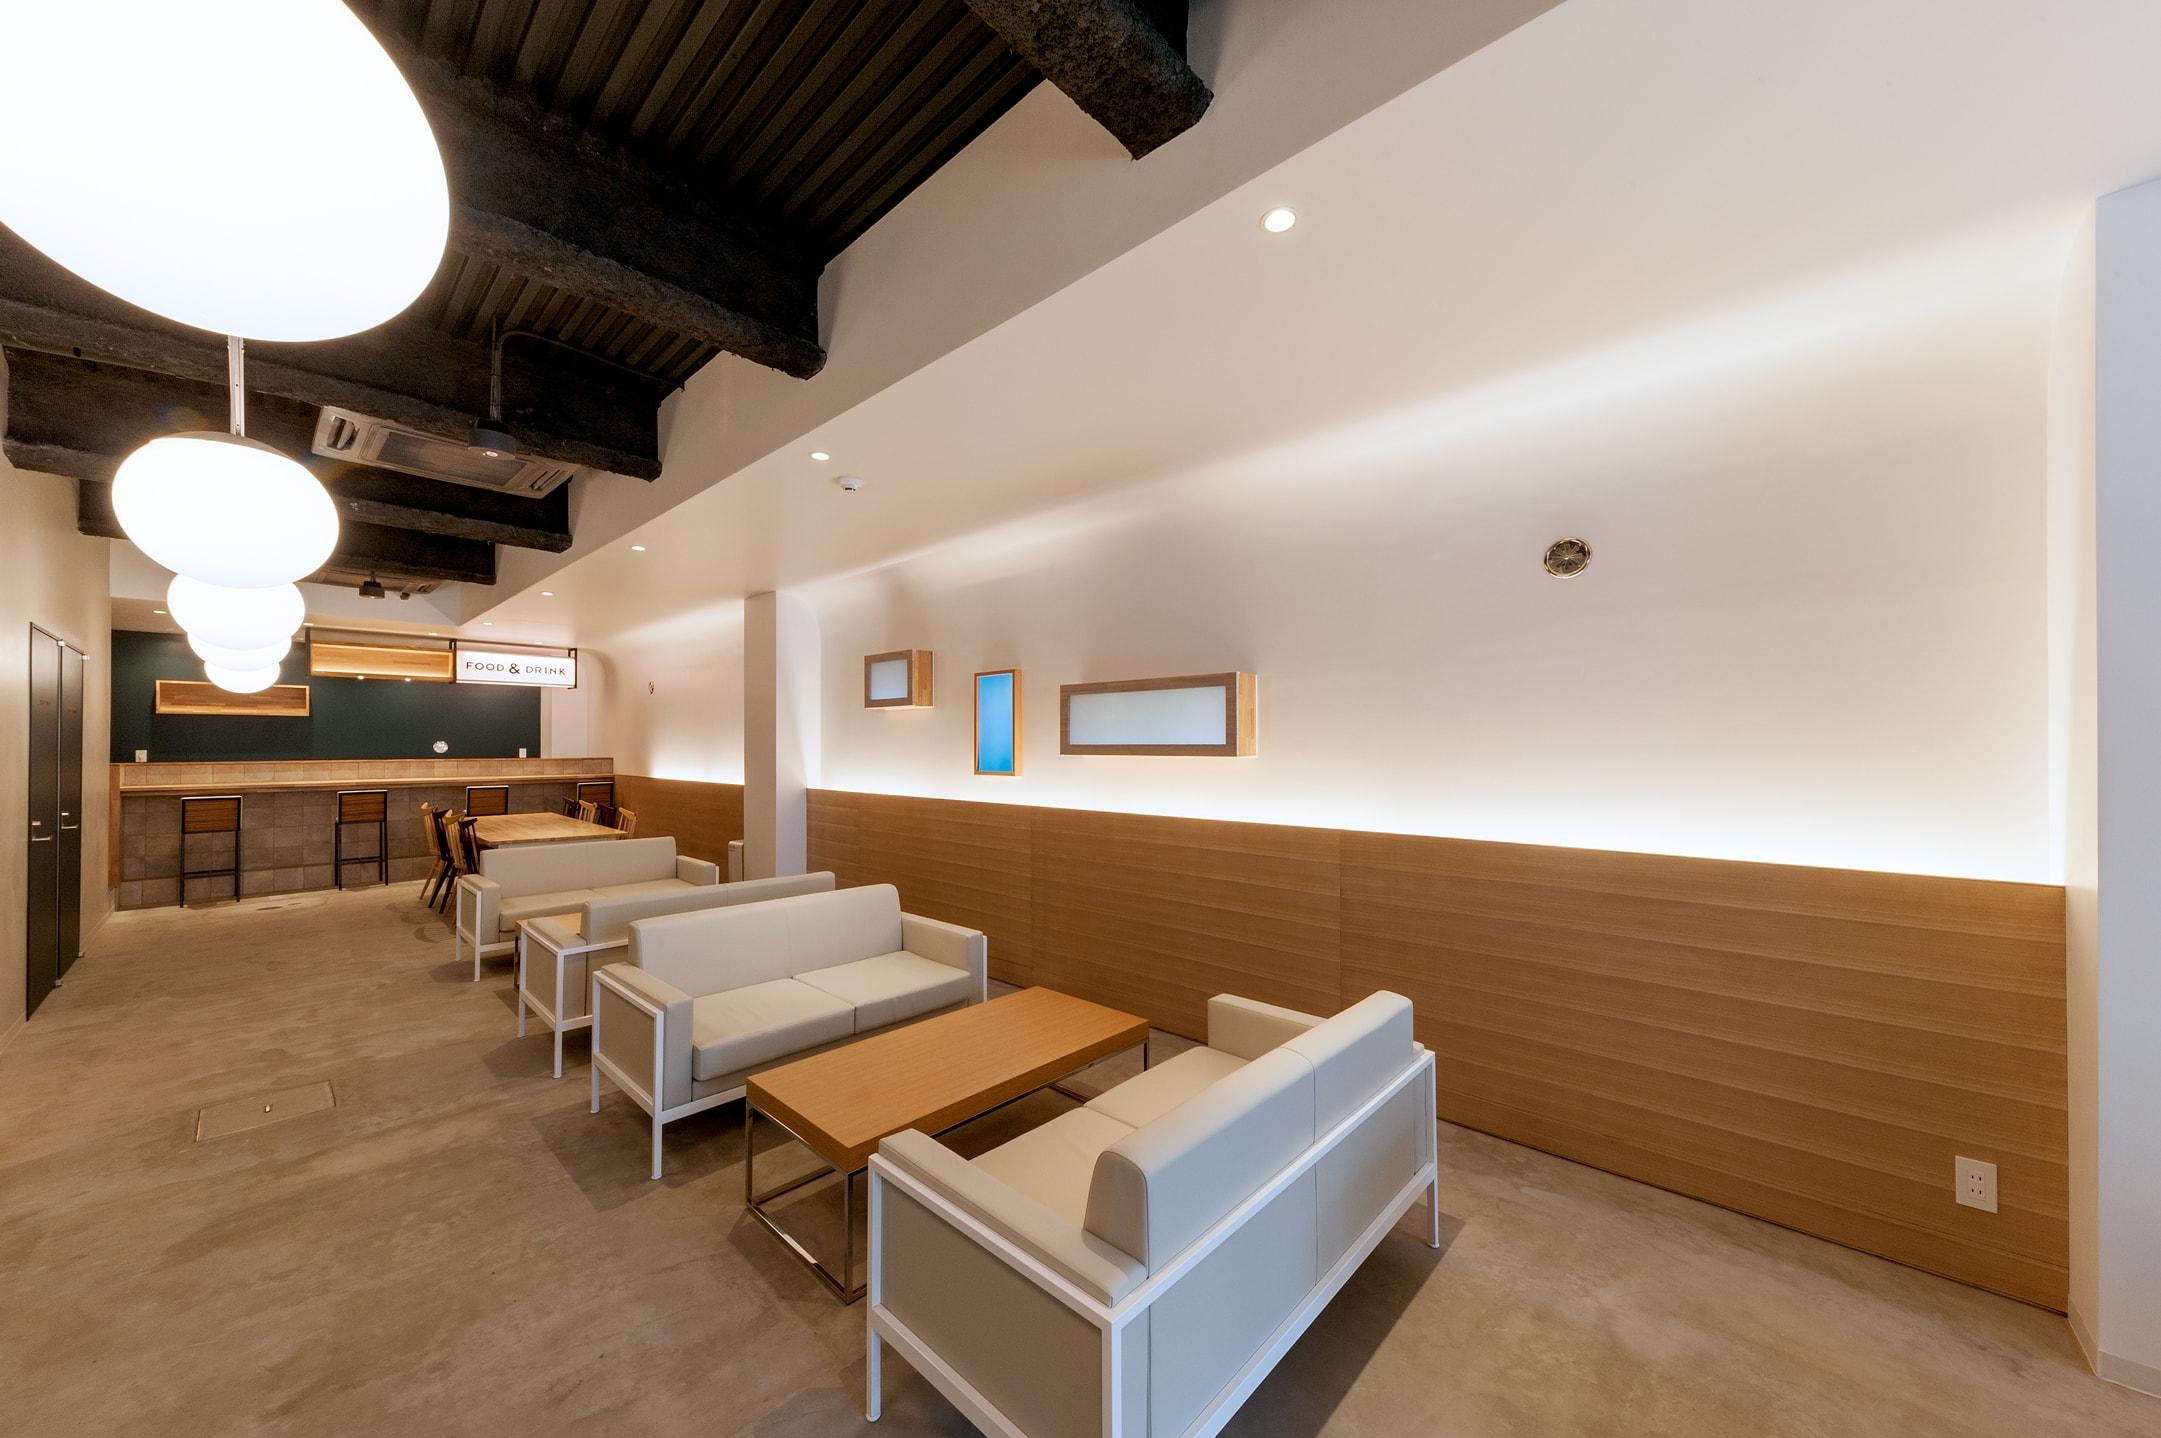 |東京|ホステル|【英語が活かせる宿直スタッフ】日本初のスマートホステルで一緒に働きませんか?